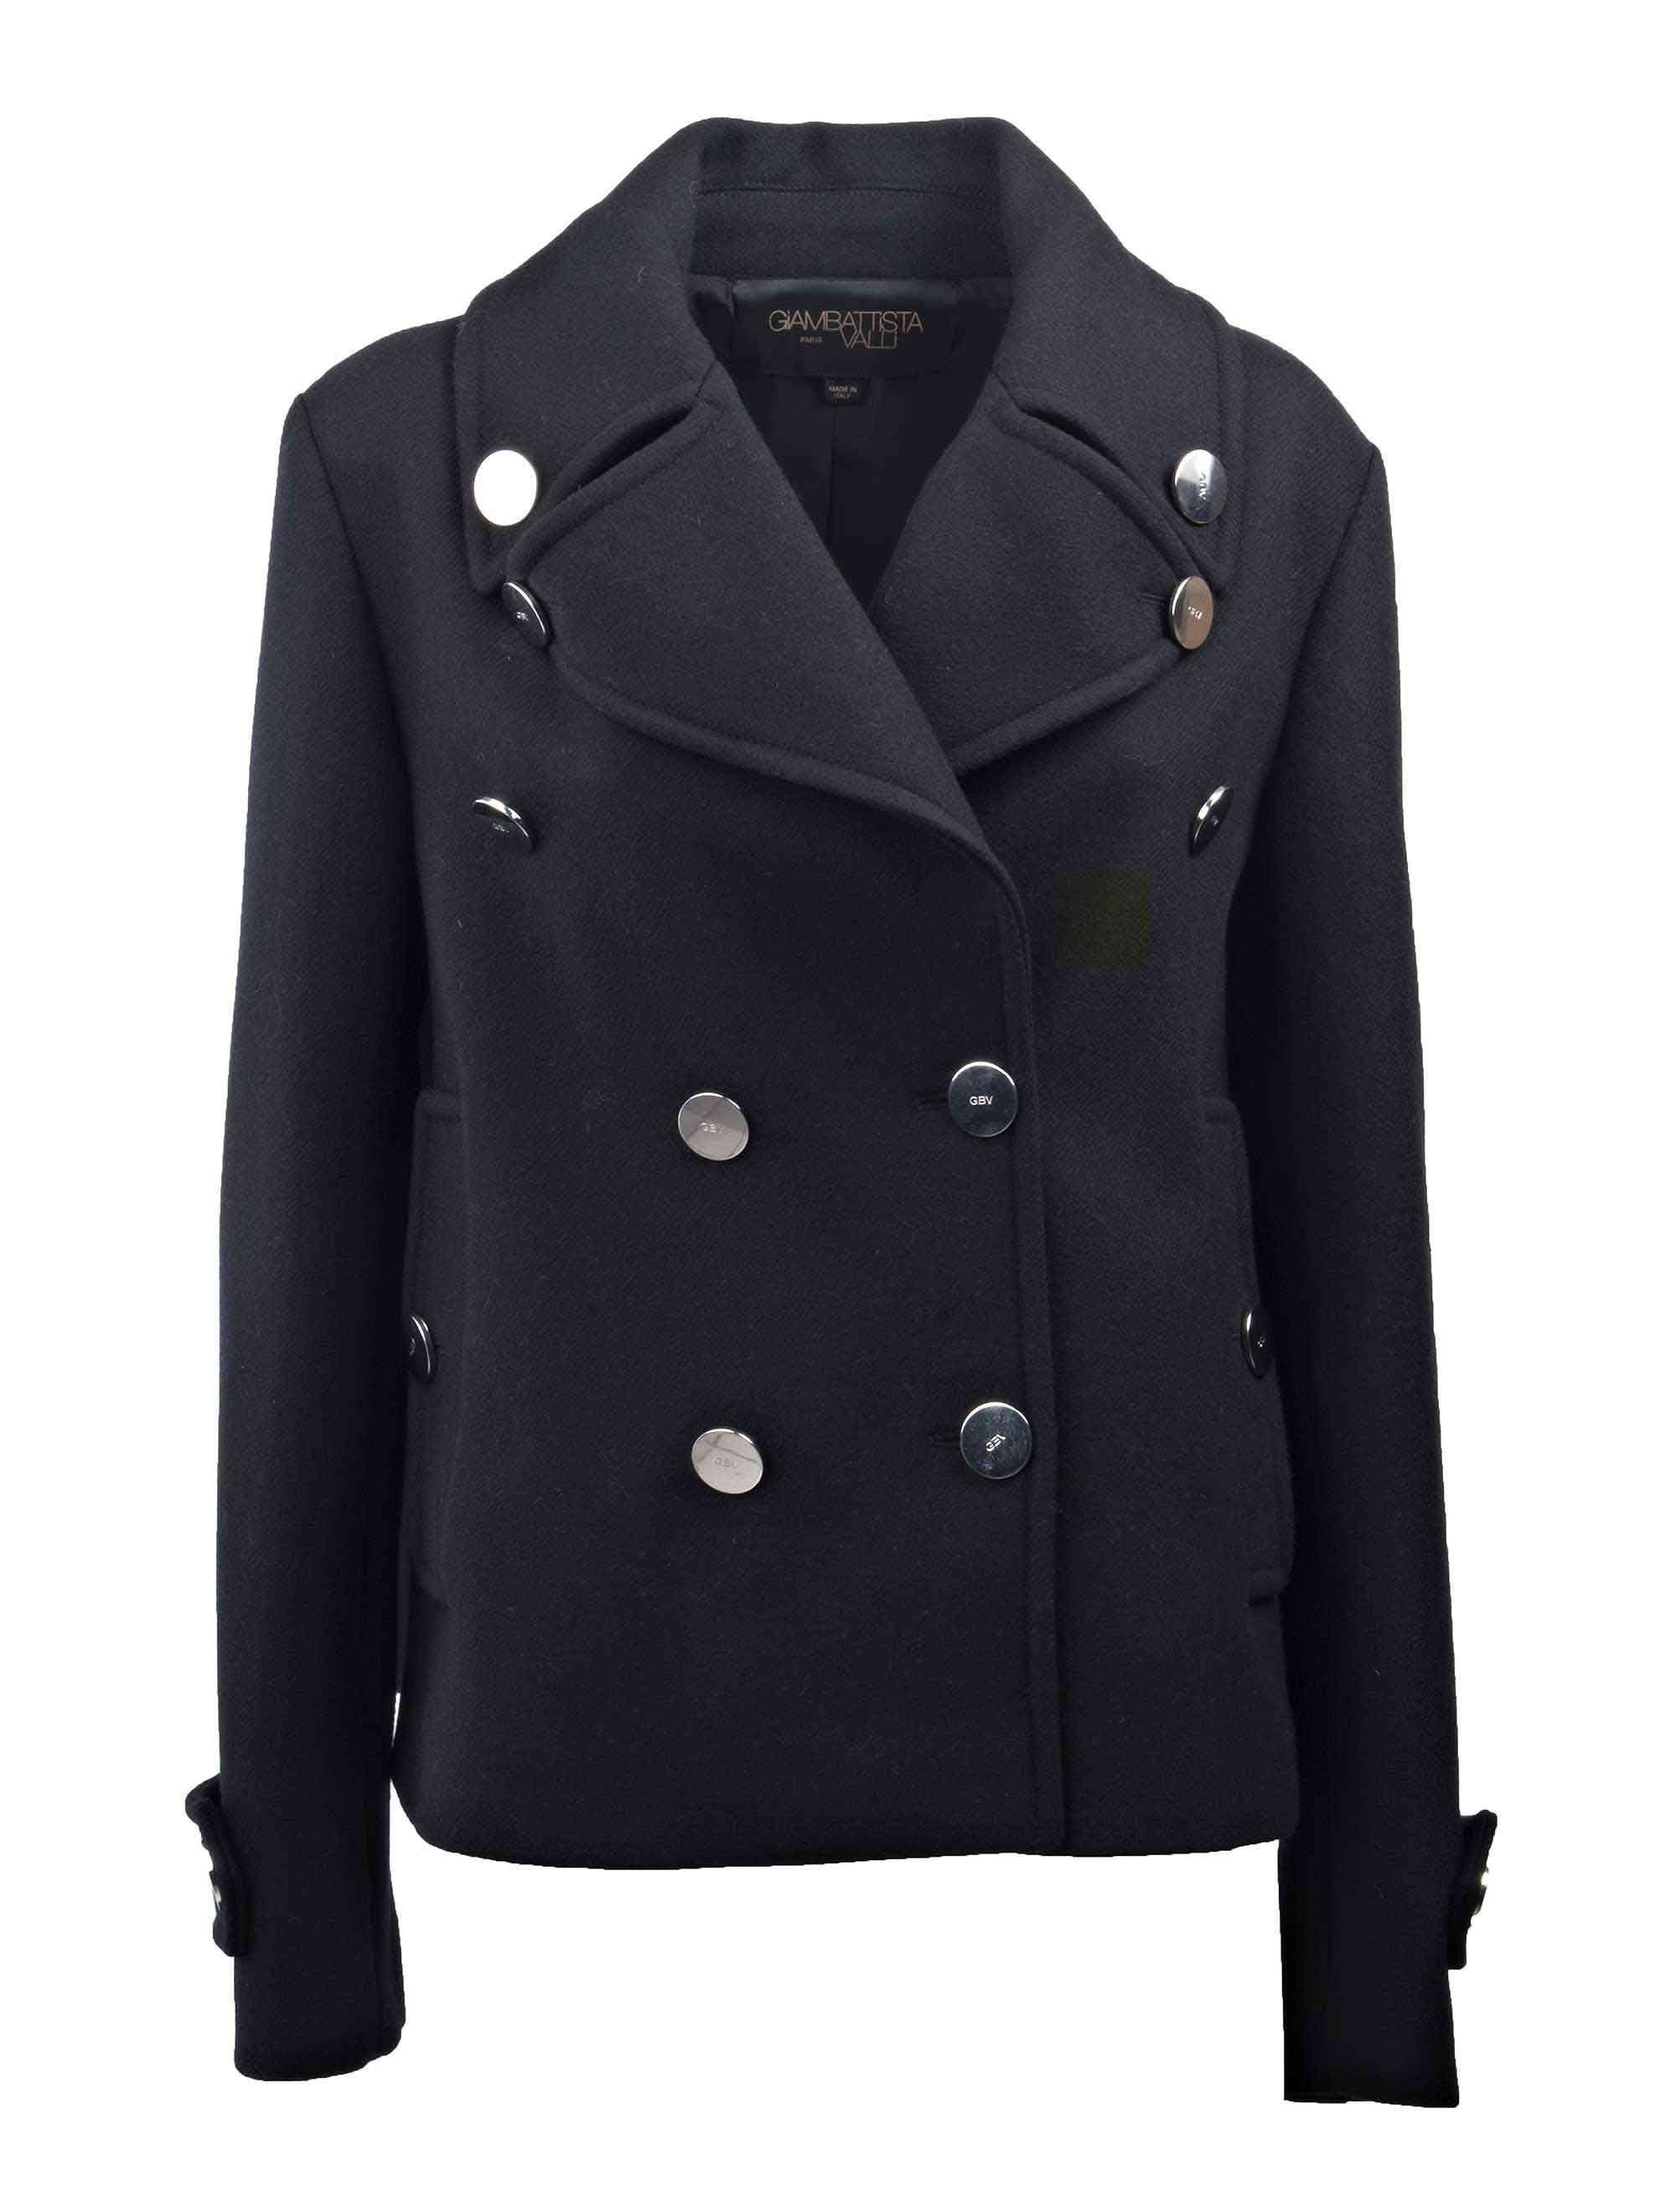 Giambattista Valli Double-breasted Jacket 9659697